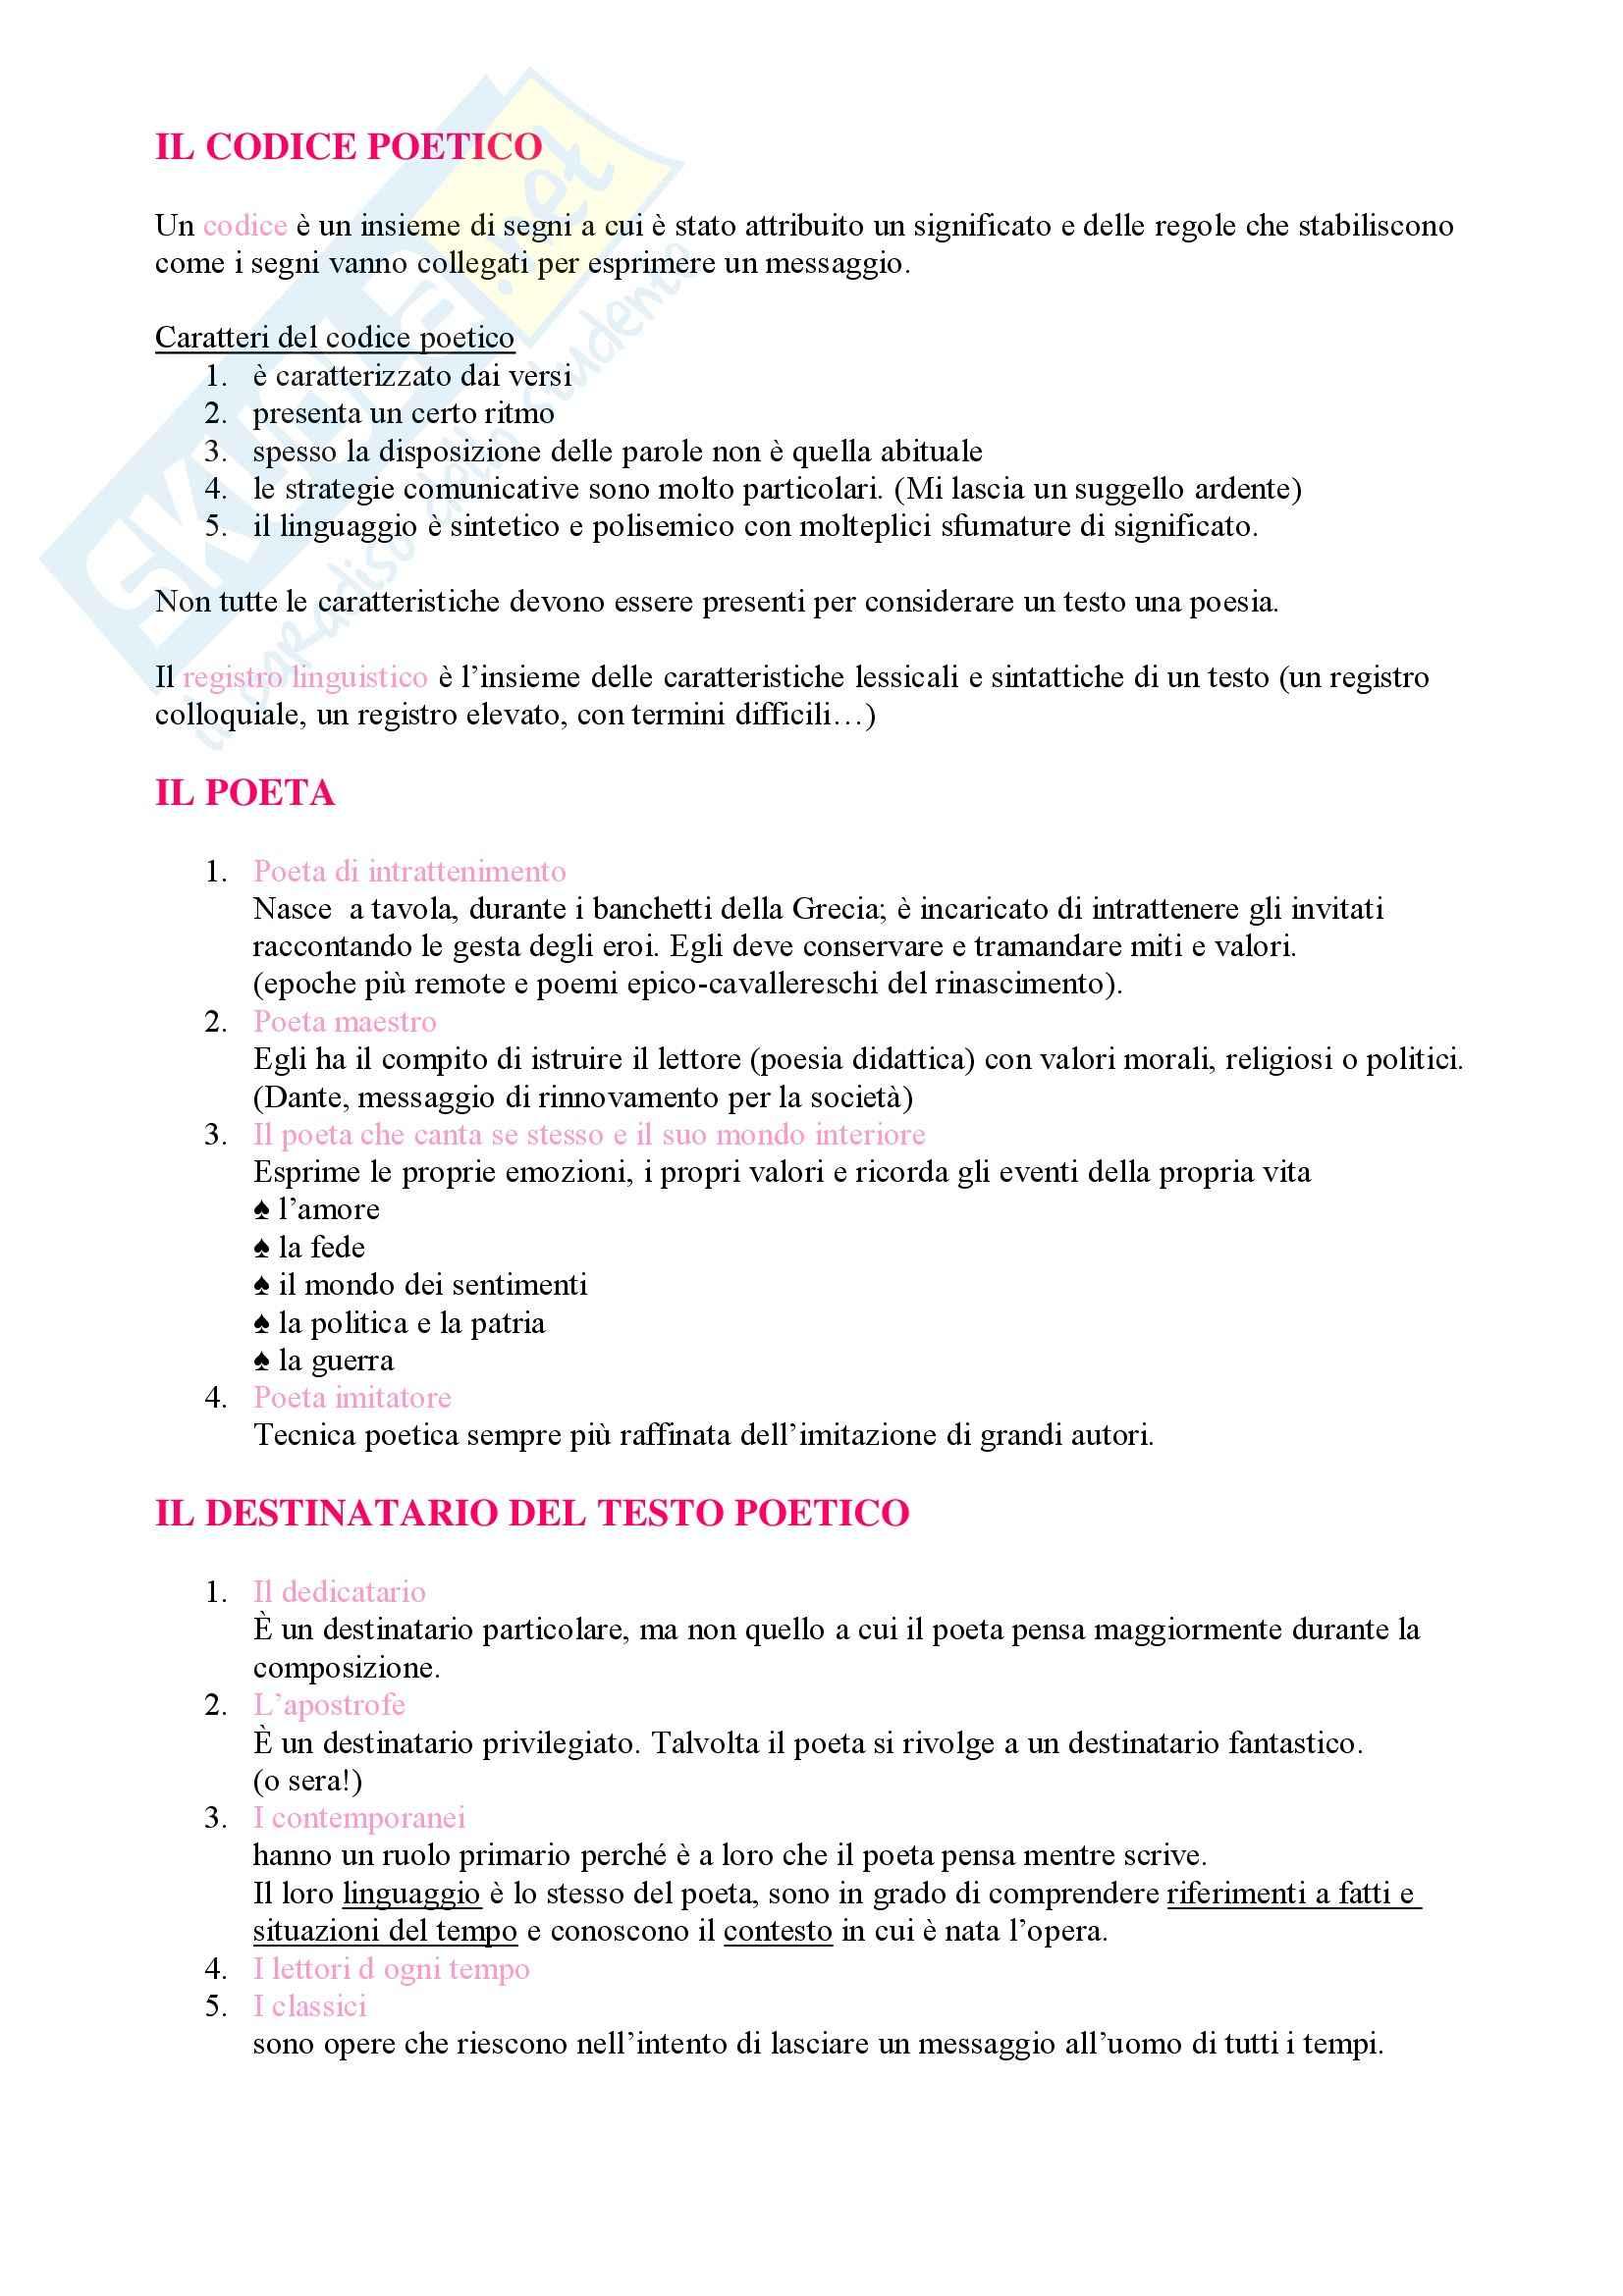 Letteratura italiana – Analisi testo poetico